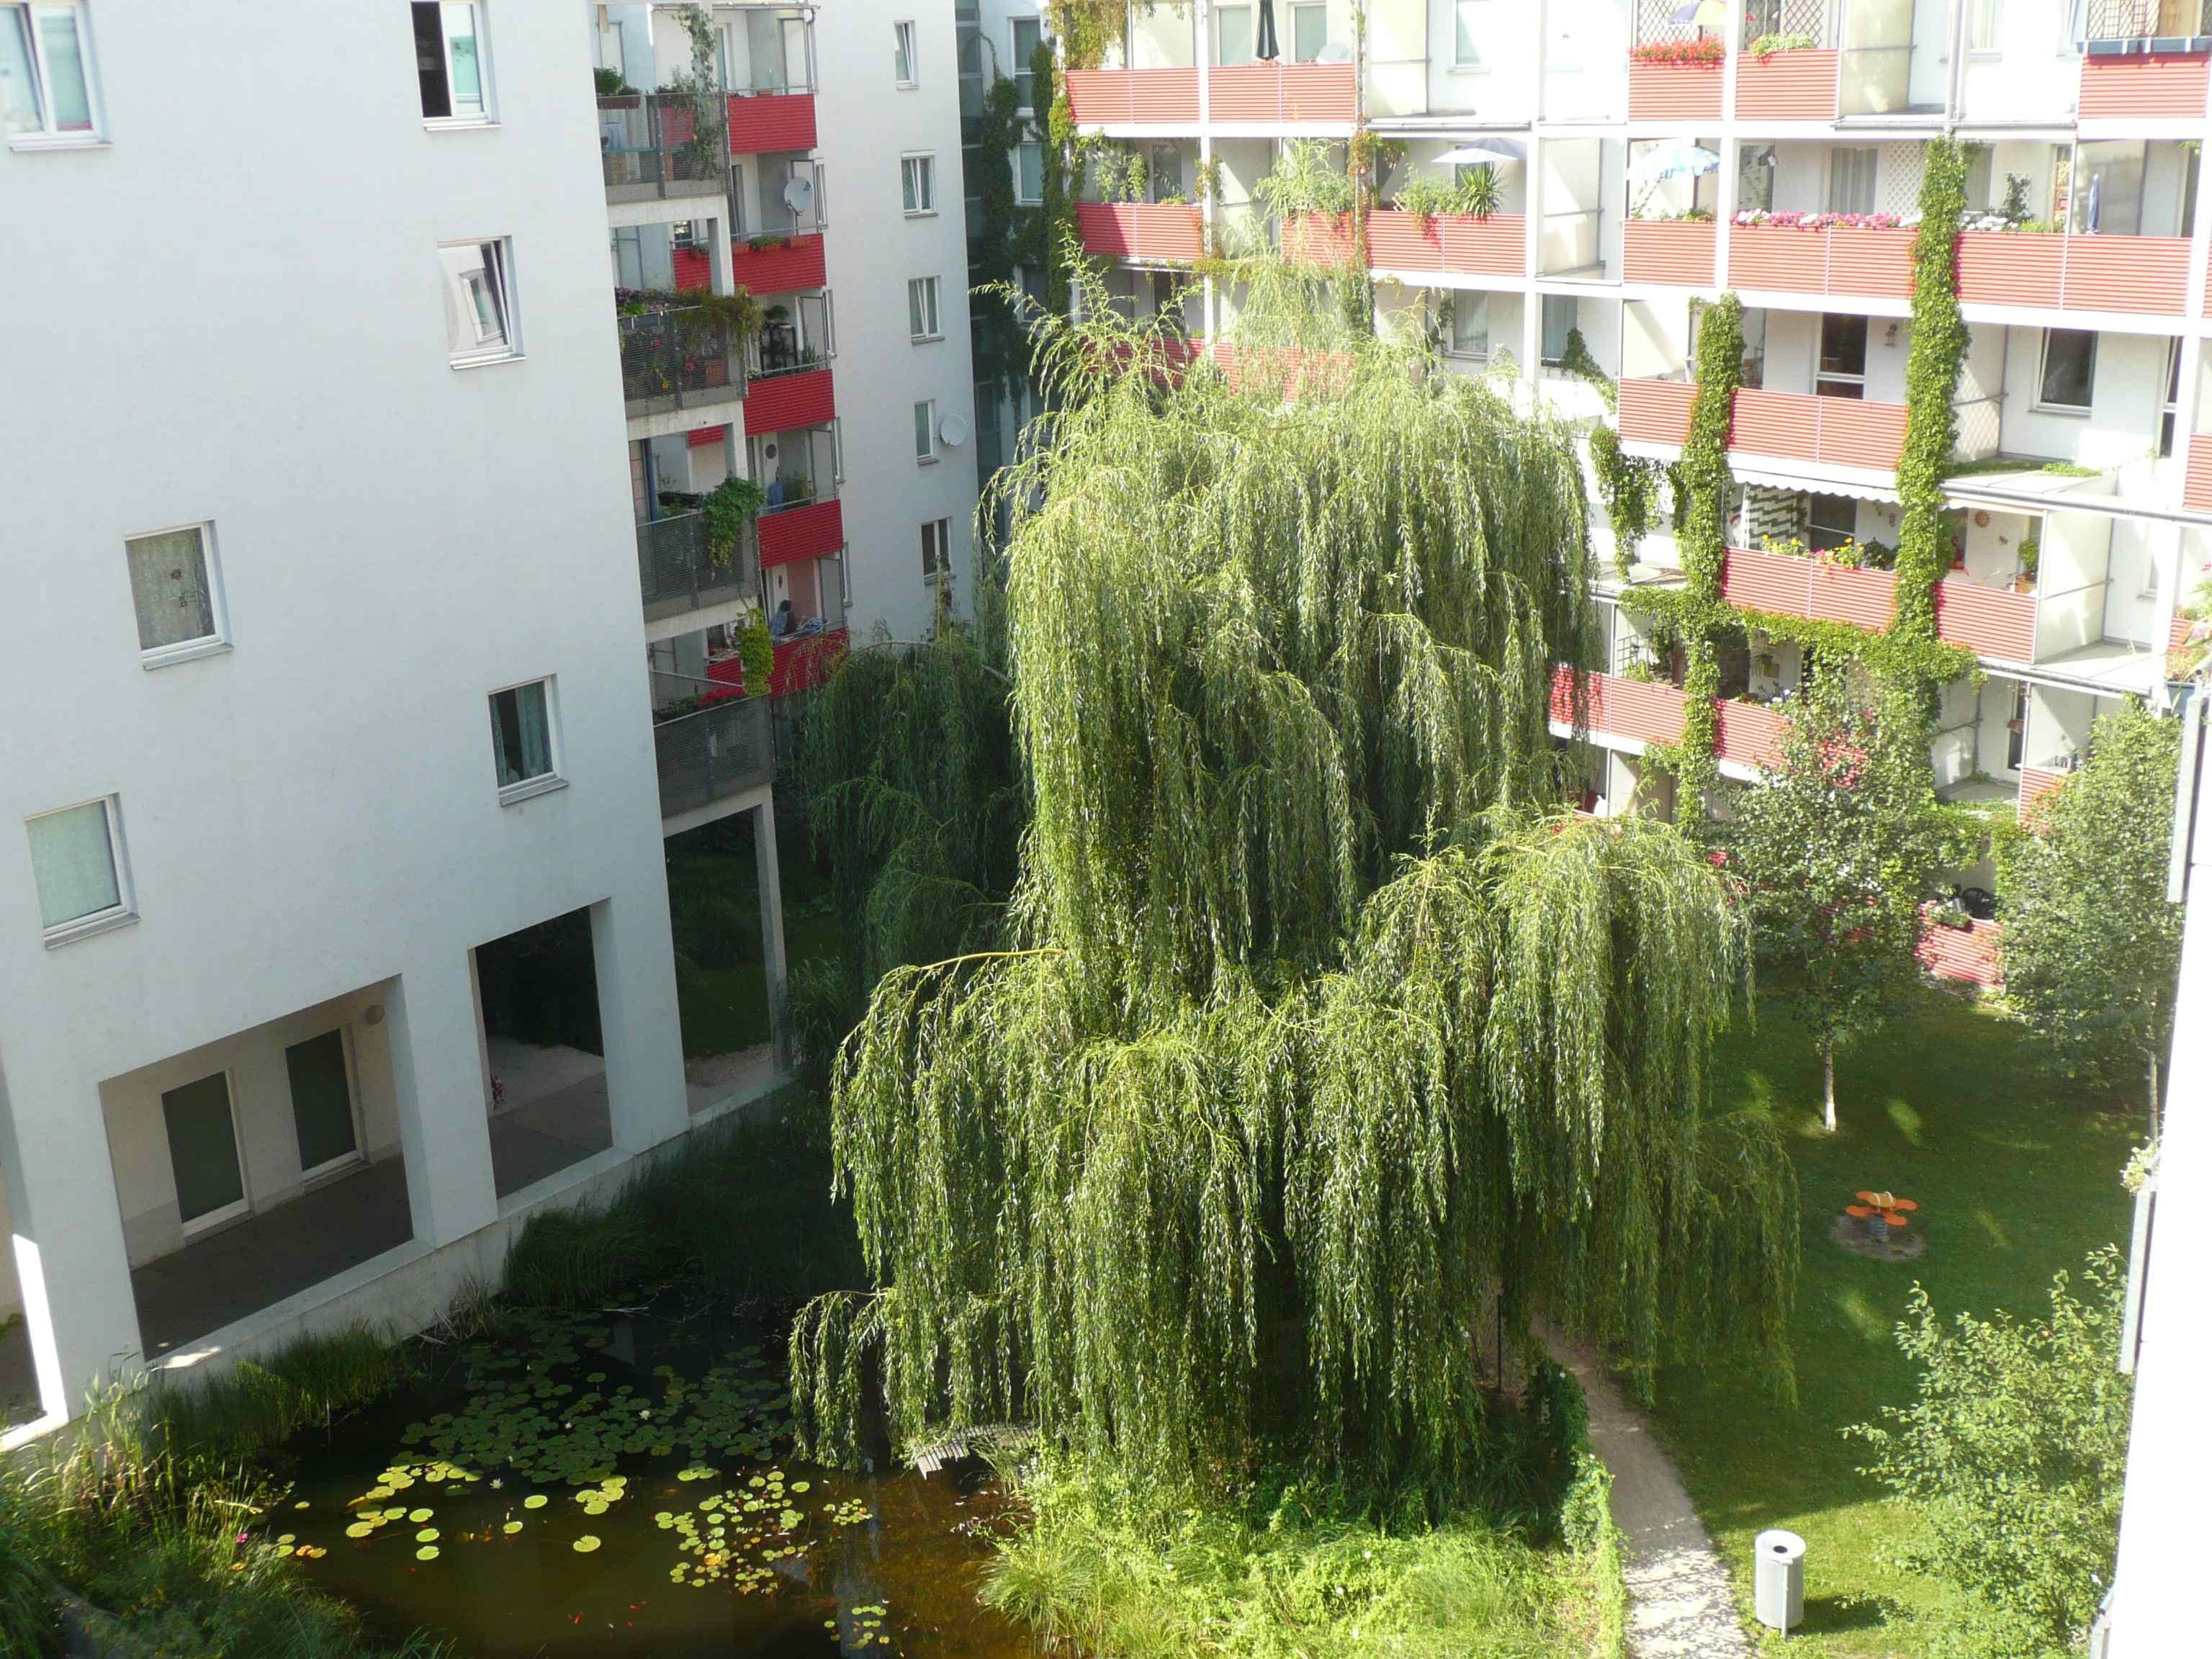 Siedlung13